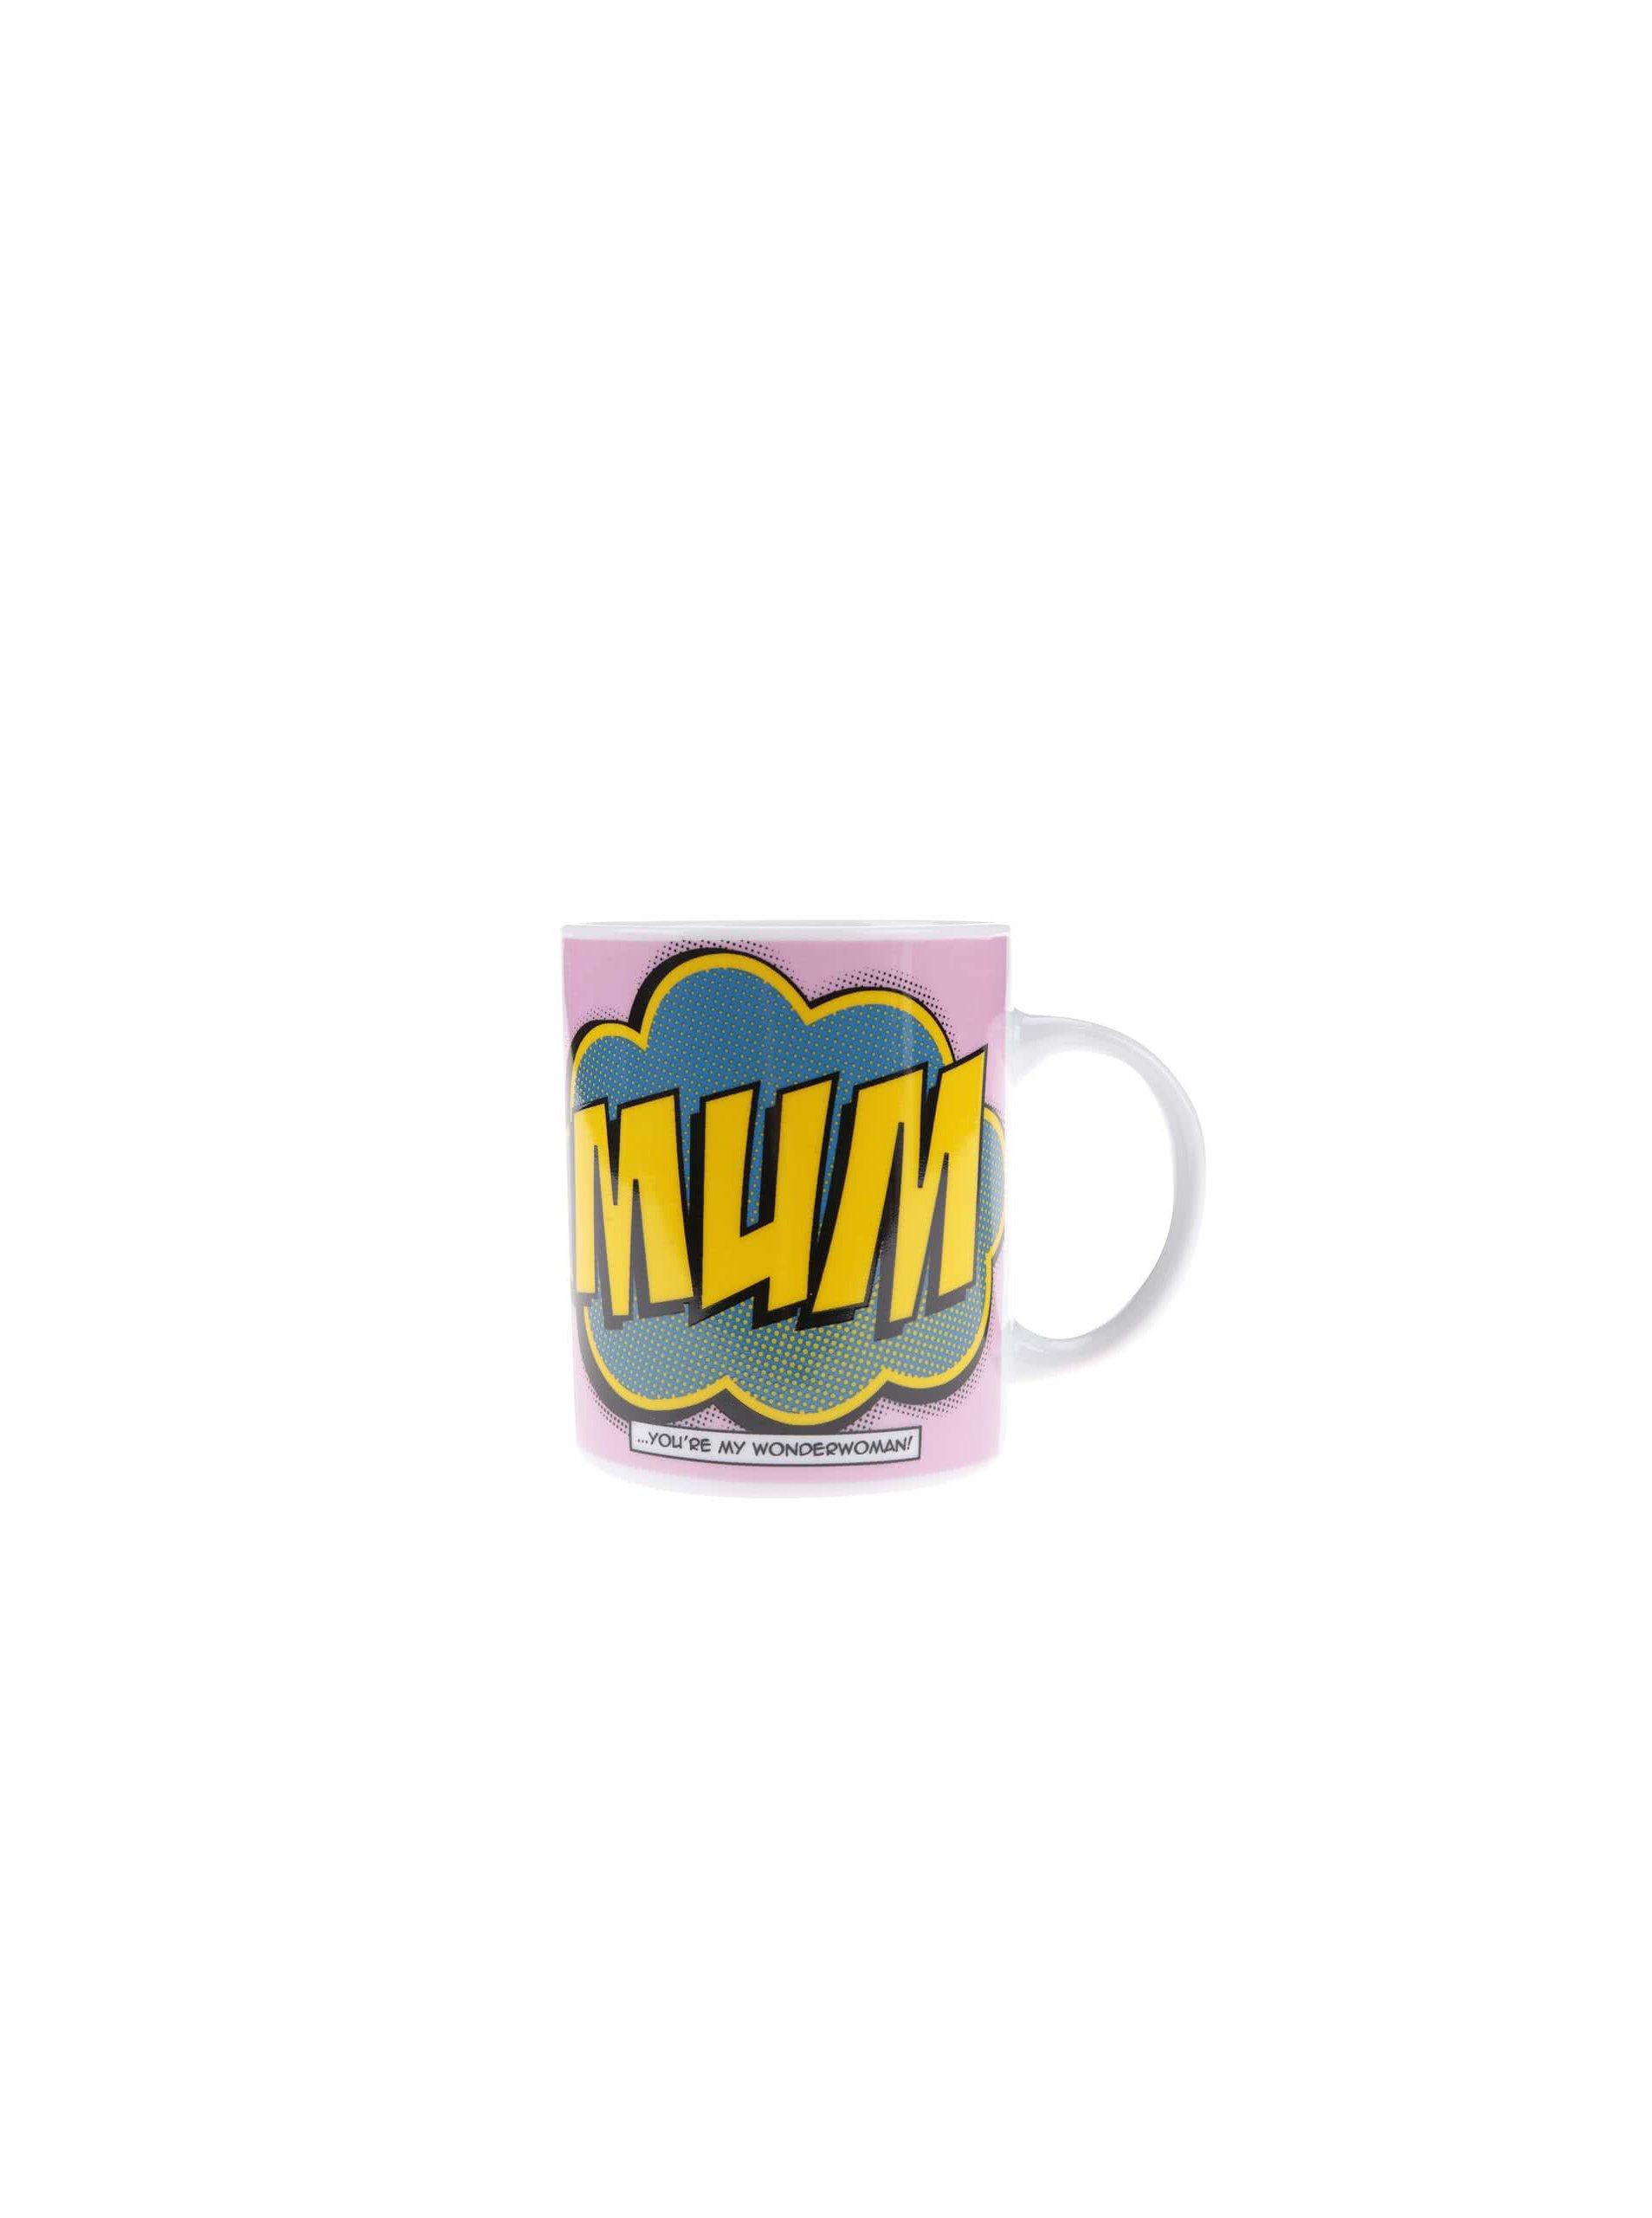 Růžový porcelánový hrnek s potiskem Gift Republic Mum